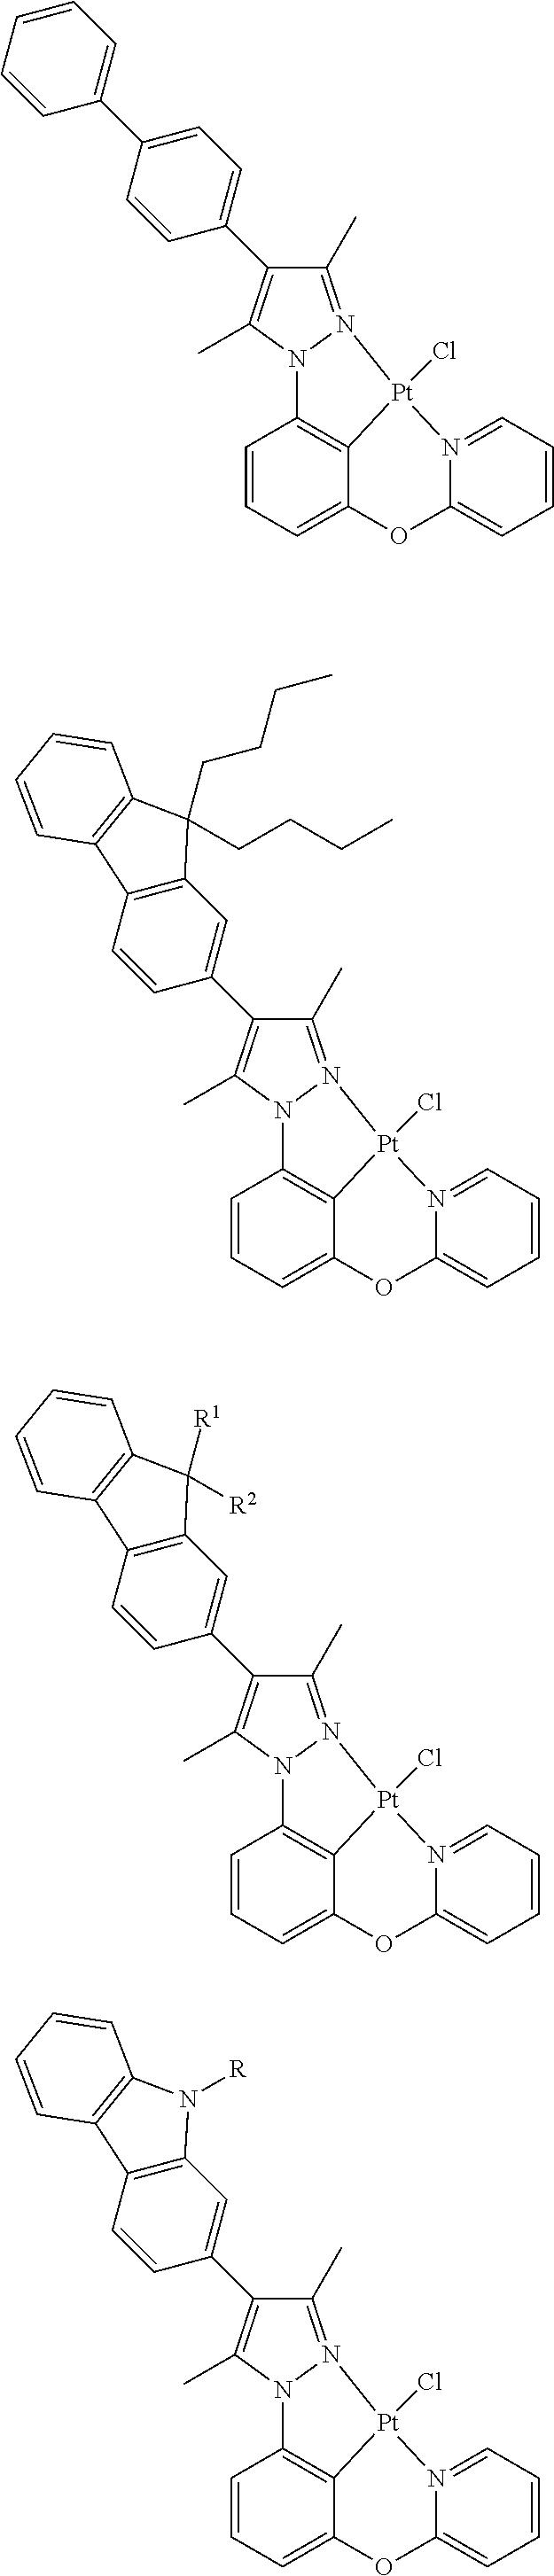 Figure US09818959-20171114-C00124